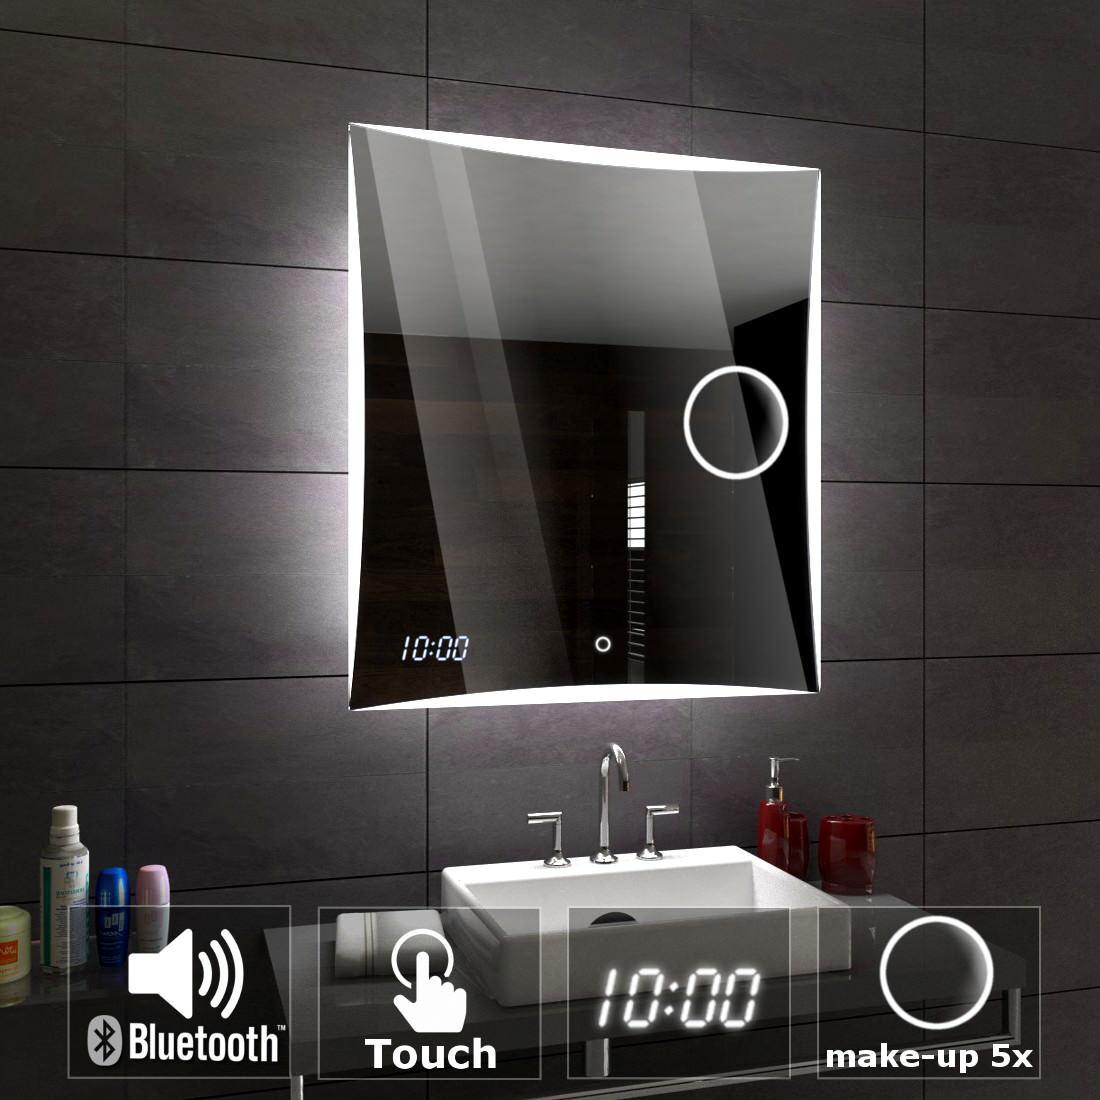 Lisbonne miroirs de sale bain avec éclairage LED mural tactile bleutooth montre